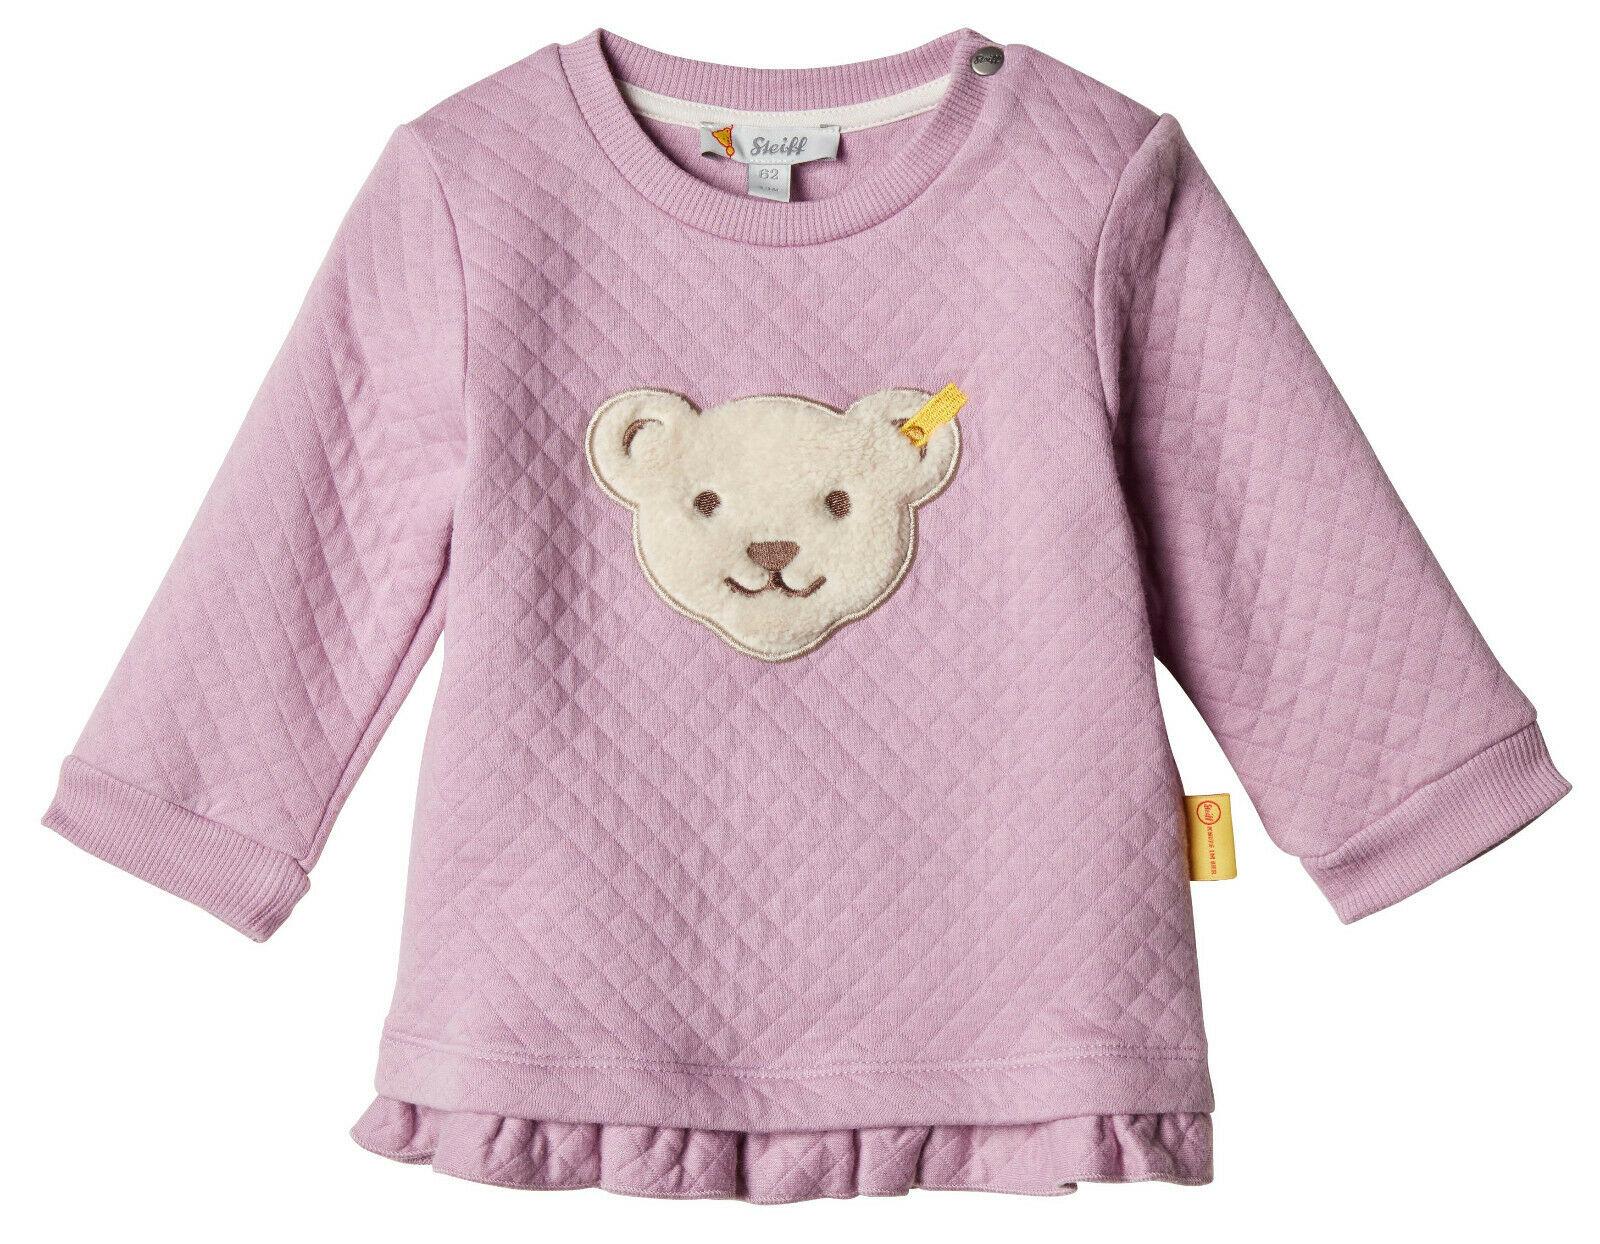 lowest price 59a05 089a3 STEIFF® Baby Mädchen Sweatshirt